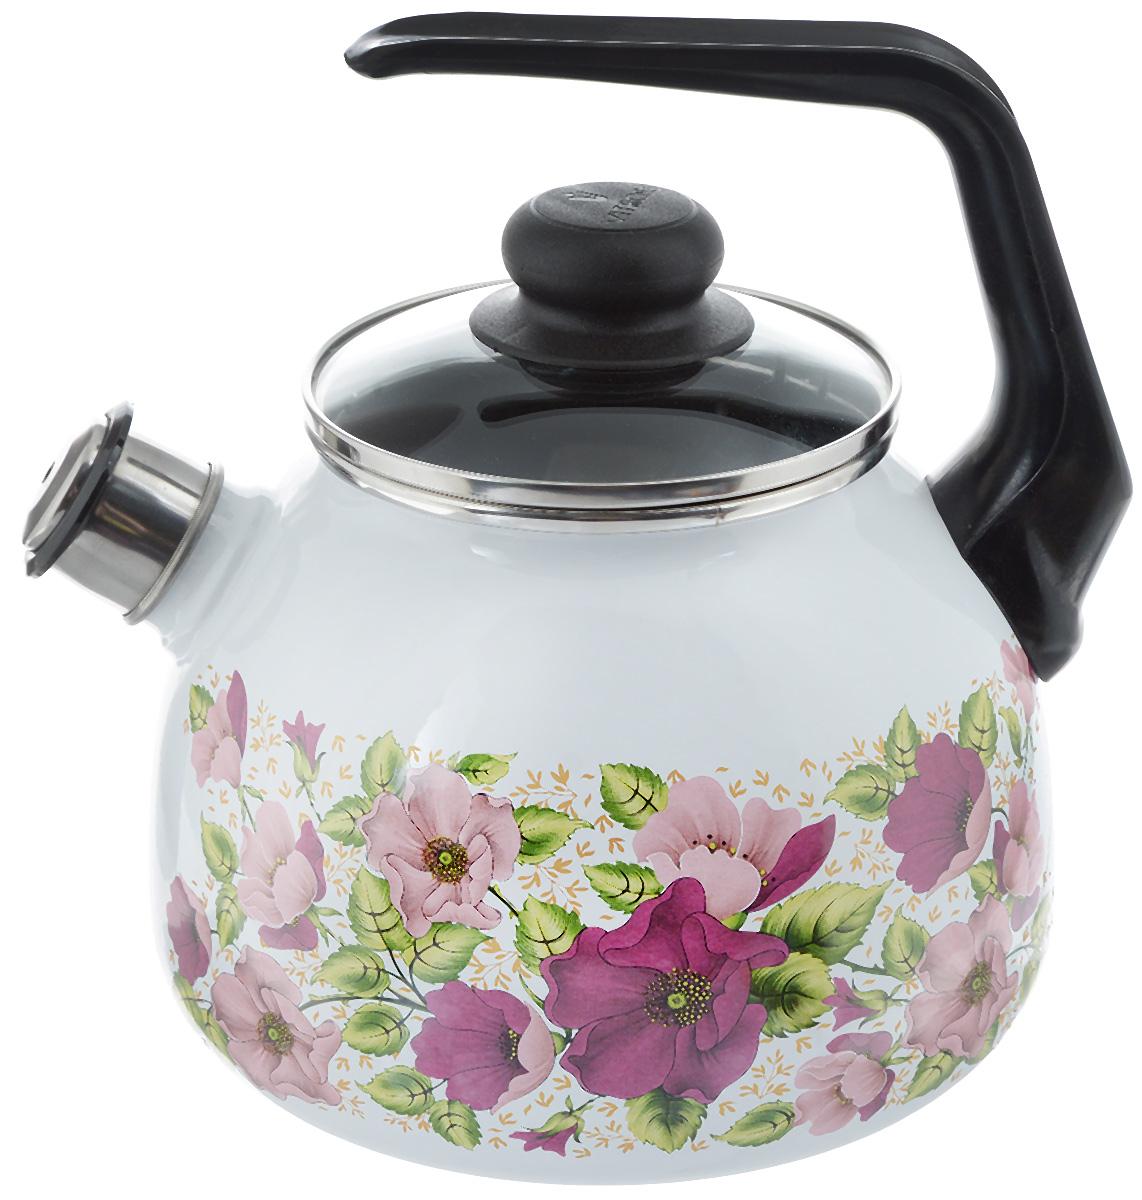 Чайник эмалированный Vitross Violeta, со свистком, 3 лVT-1520(SR)Чайник эмалированный Vitross Violeta изготовлен из высококачественной стали со стеклокерамическим эмалевым покрытием. Стеклокерамика инертна и устойчива к пищевым кислотам, не вступает во взаимодействие с продуктами и не искажает их вкусовые качества. Такое покрытие защищает сталь от коррозии и придает посуде гладкую стекловидную поверхность. Кроме того, такая посуда наиболее безопасна и экологична. Прочный стальной корпус обеспечивает эффективный нагрев жидкости и не деформируется в процессе эксплуатации. Чайник оснащен фиксированной пластиковой ручкой и жаропрочной стеклянной крышкой. Носик чайника с насадкой-свистком подскажет, когда закипела вода. Посуда подходит для газовых, электрических, стеклокерамических, индукционных плит. Можно мыть в посудомоечной машине. Диаметр (по верхнему краю): 12,5 см.Высота чайника (с учетом ручки): 23,5 см.Высота чайника (без учета ручки и крышки): 15 см.